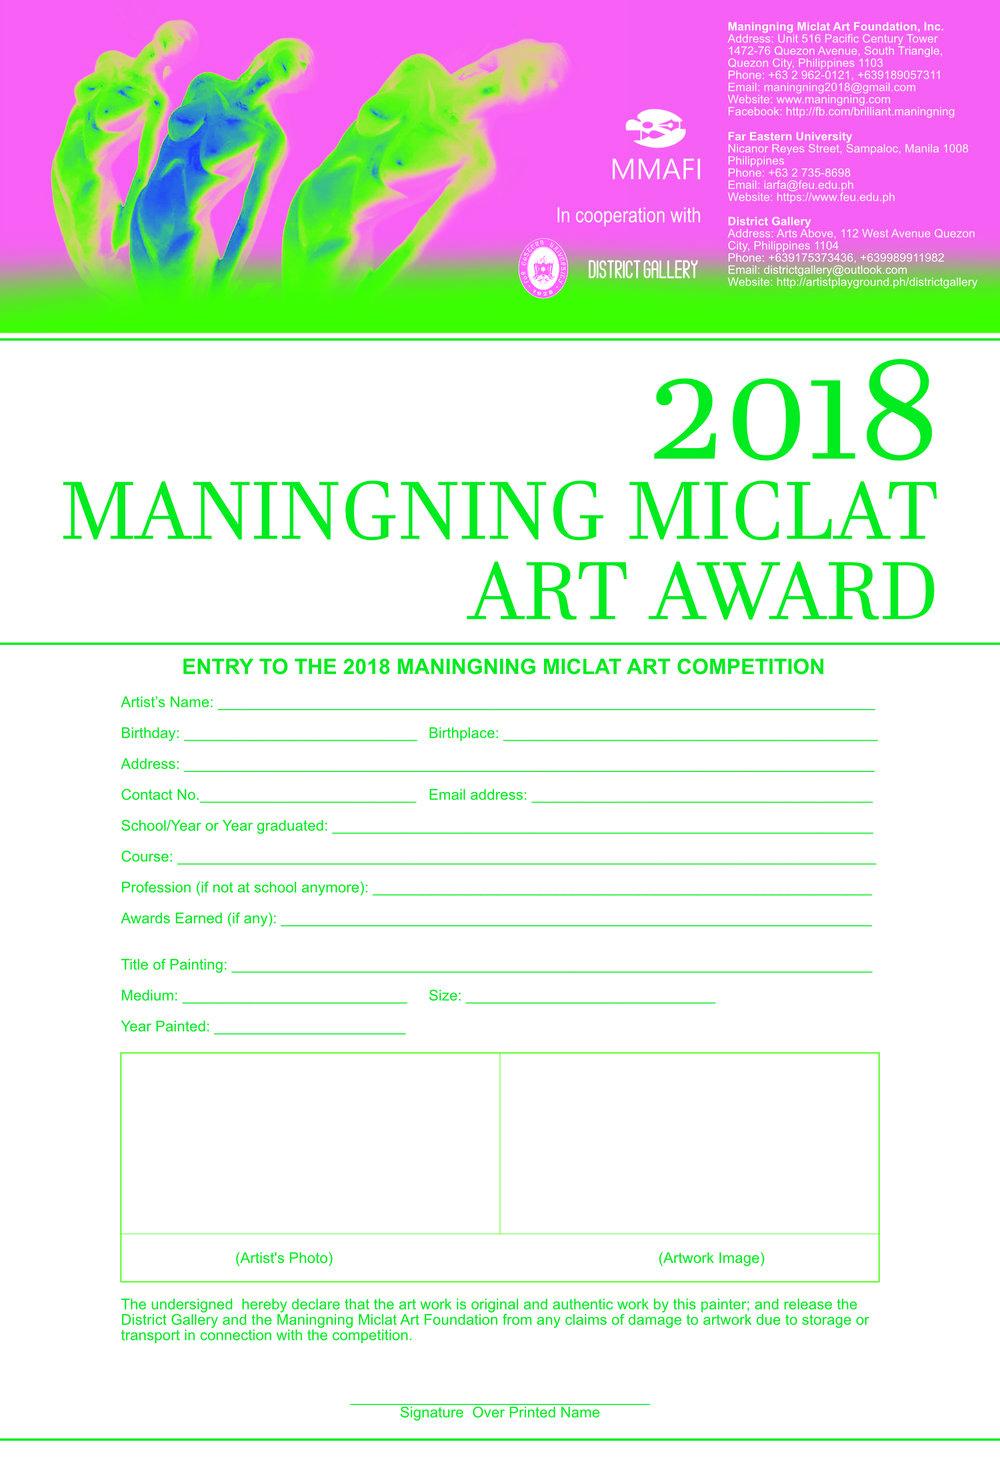 Maningning Miclat Art Award entry form final final.jpg